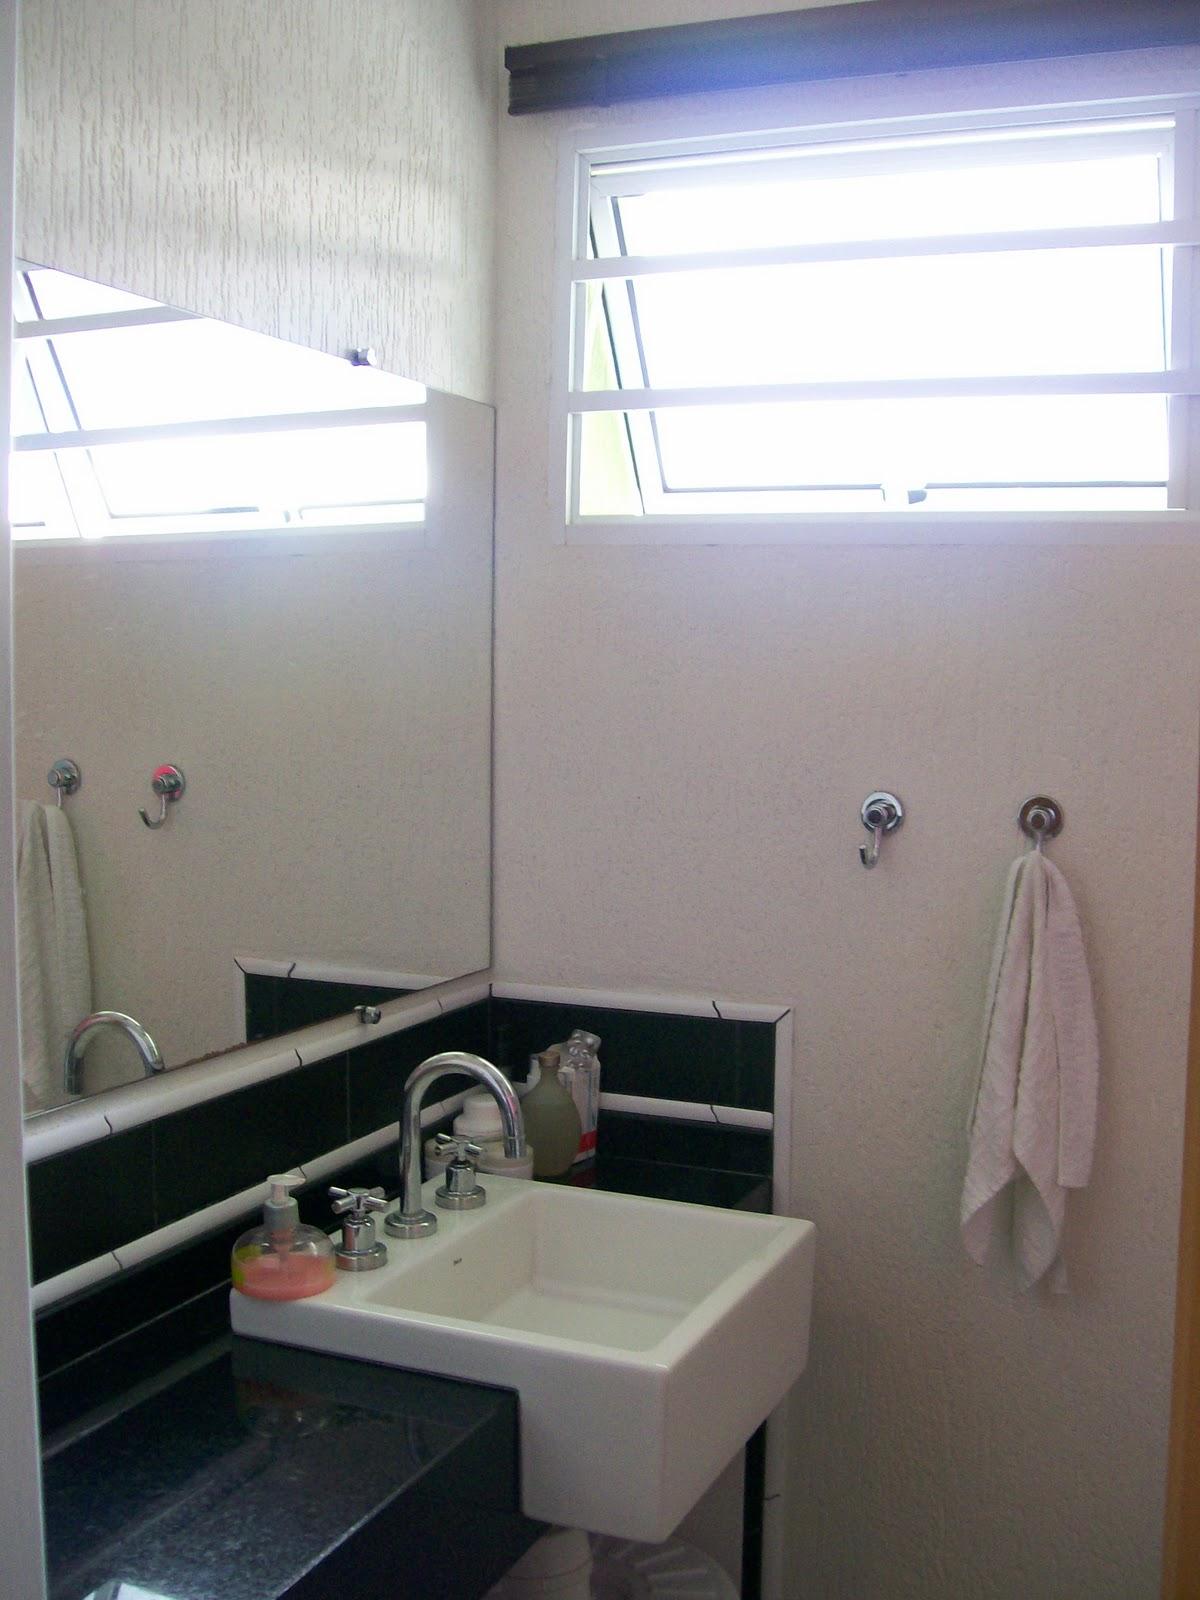 Imagens de #50557B Imóvel à venda Excelente localização 1200x1600 px 2948 Box Banheiro Fibra